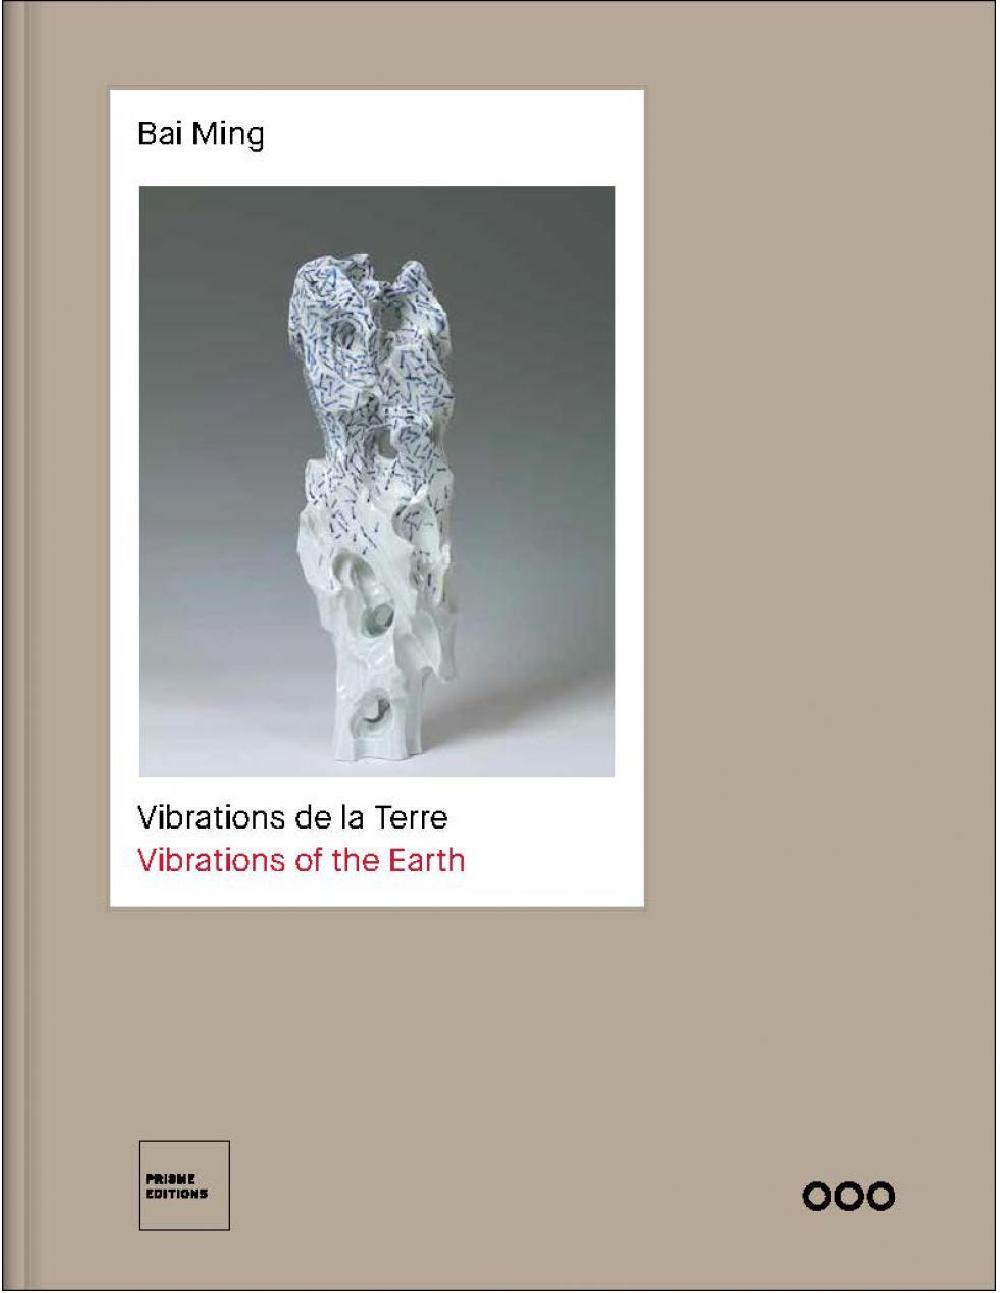 BAI MING Vibrations de la Terre - Vibrations of the Earth